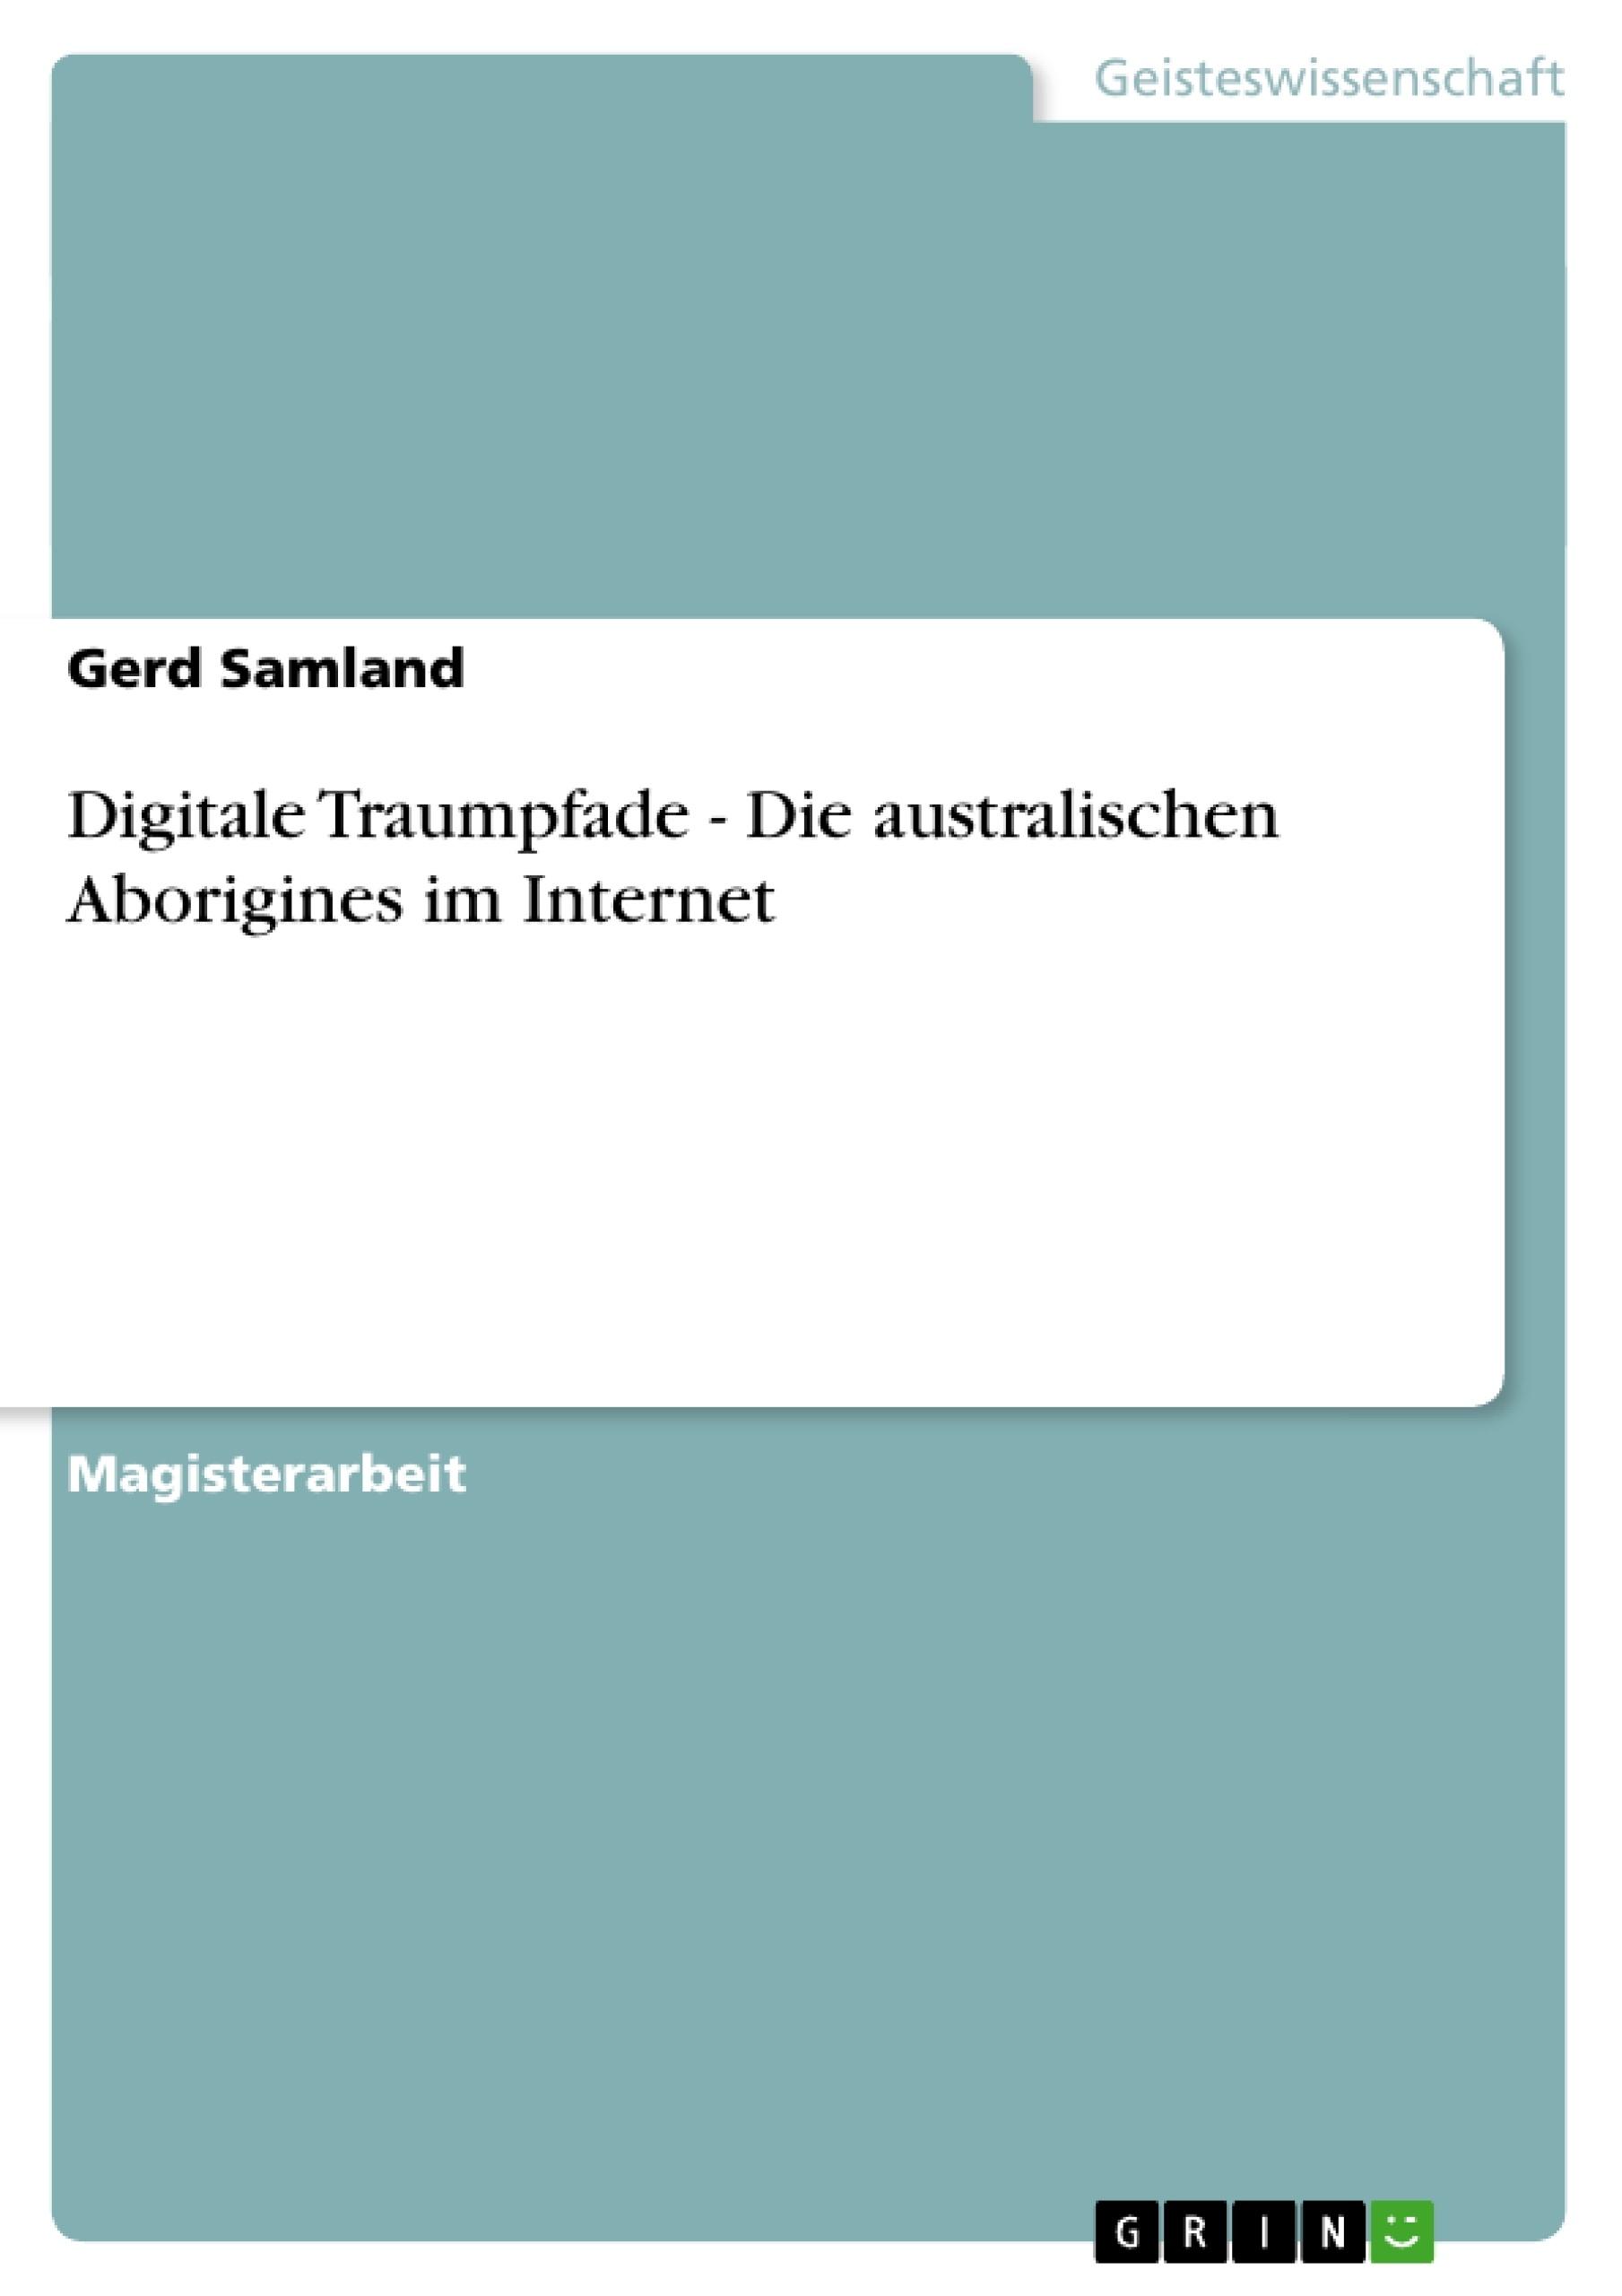 Titel: Digitale Traumpfade - Die australischen Aborigines im Internet